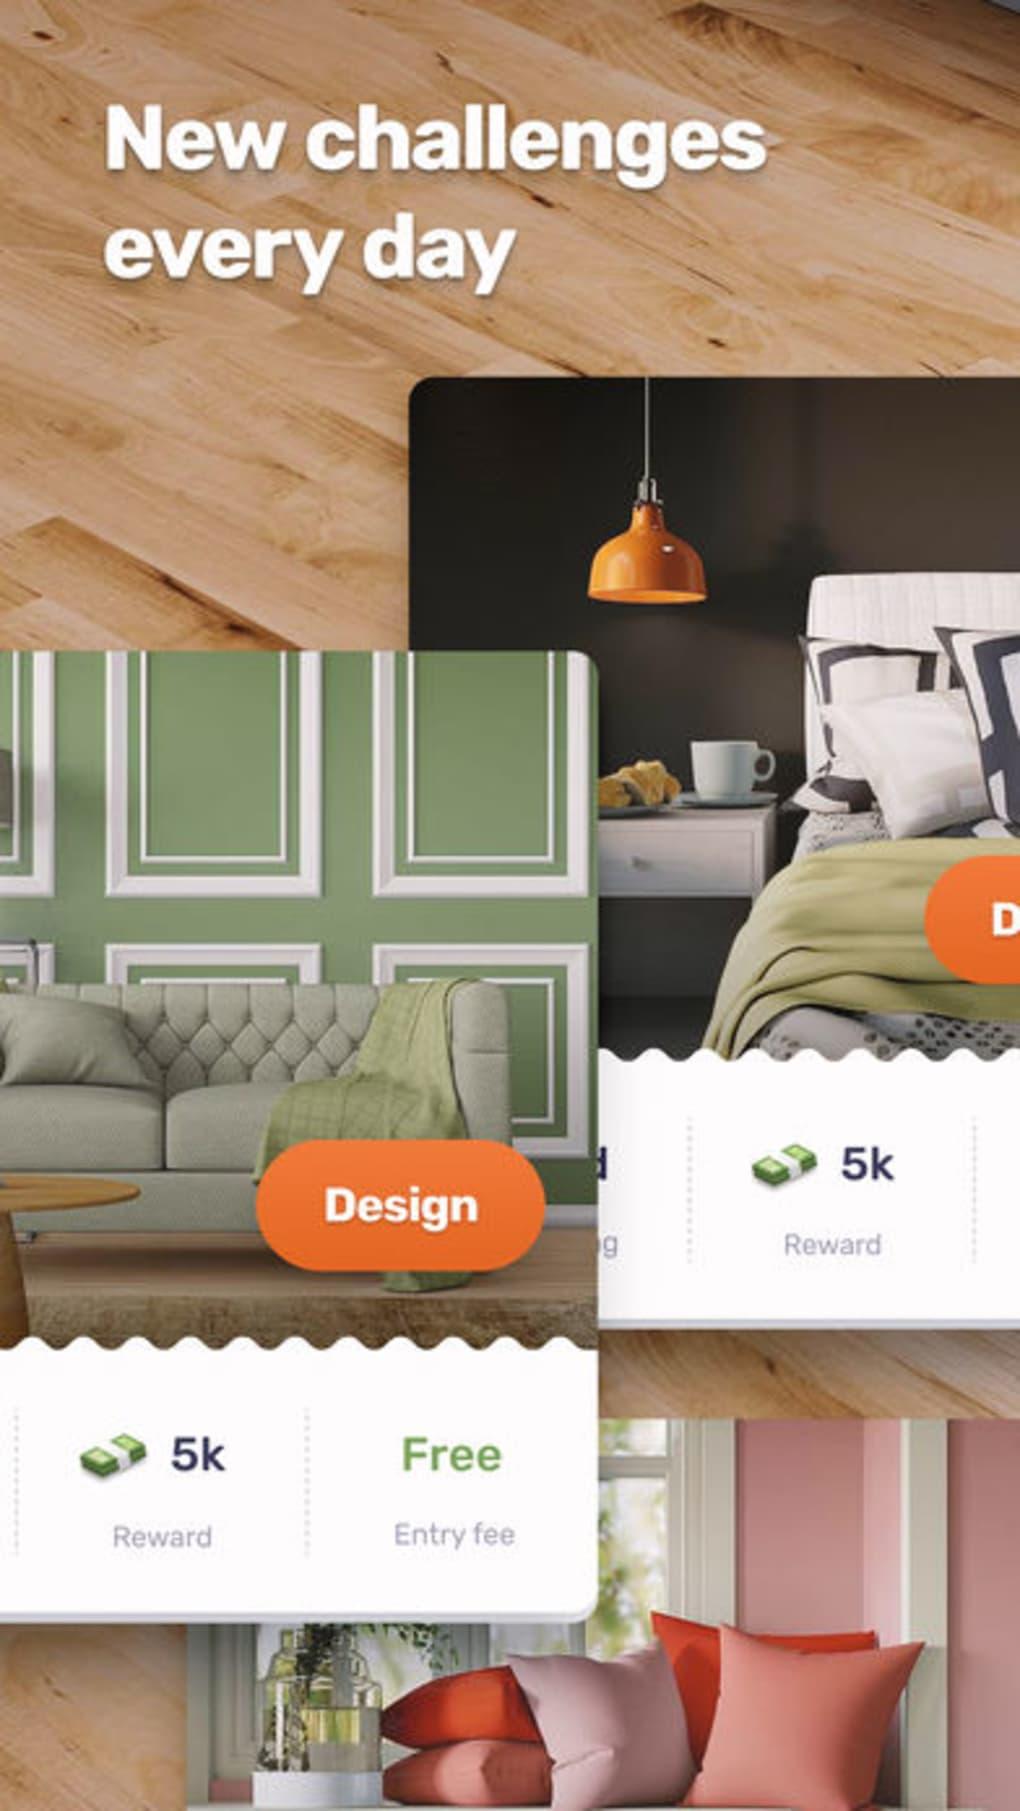 Redecor home design game